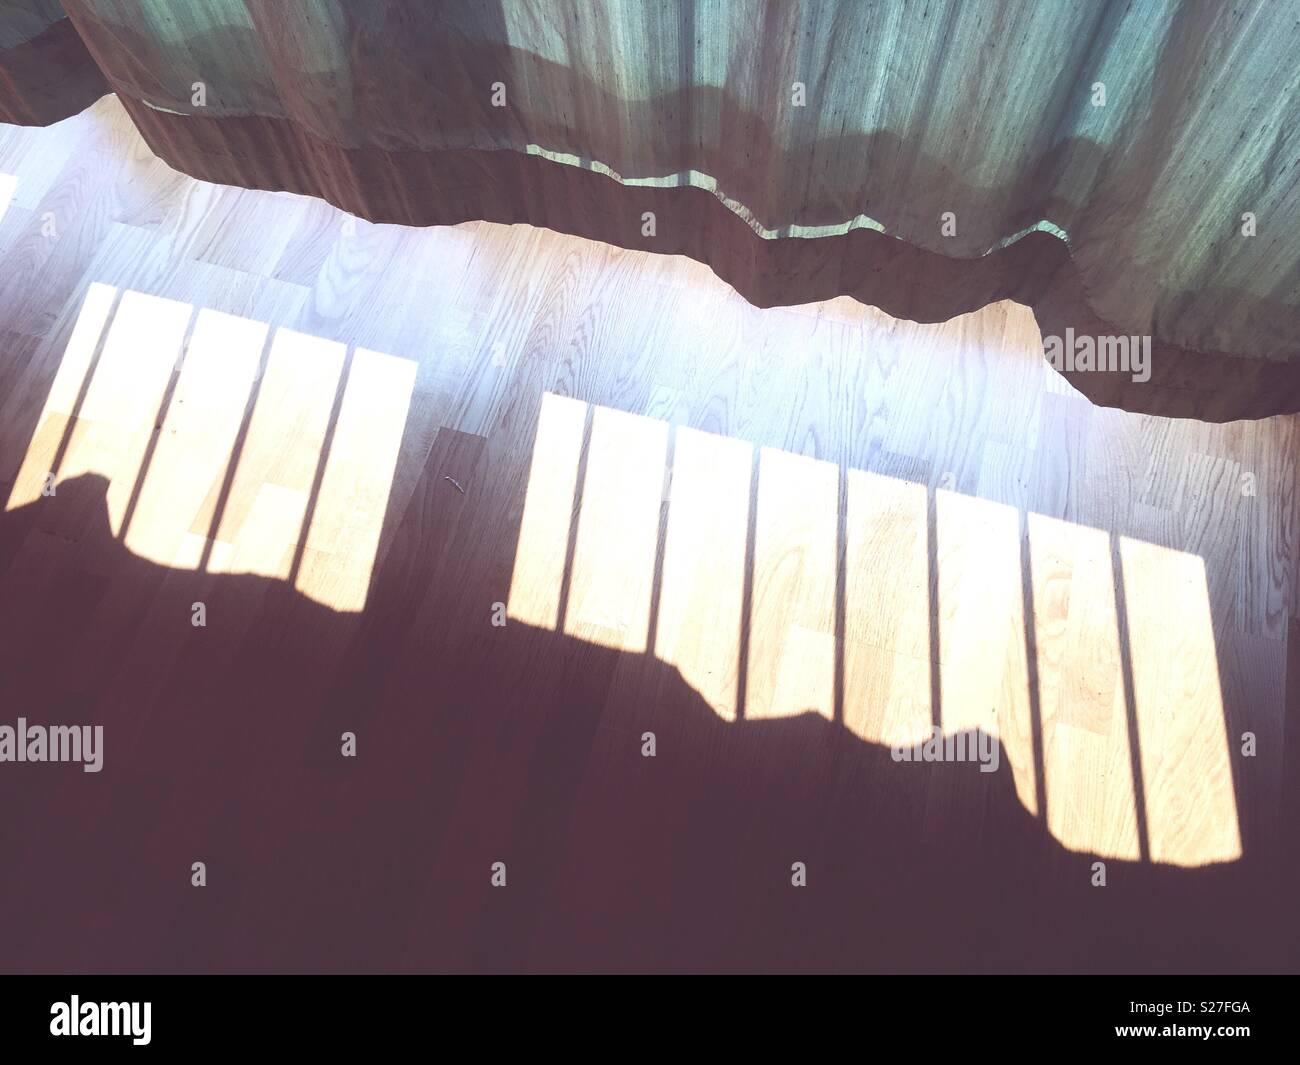 Le tende e l'ombra della finestra balaustre Immagini Stock